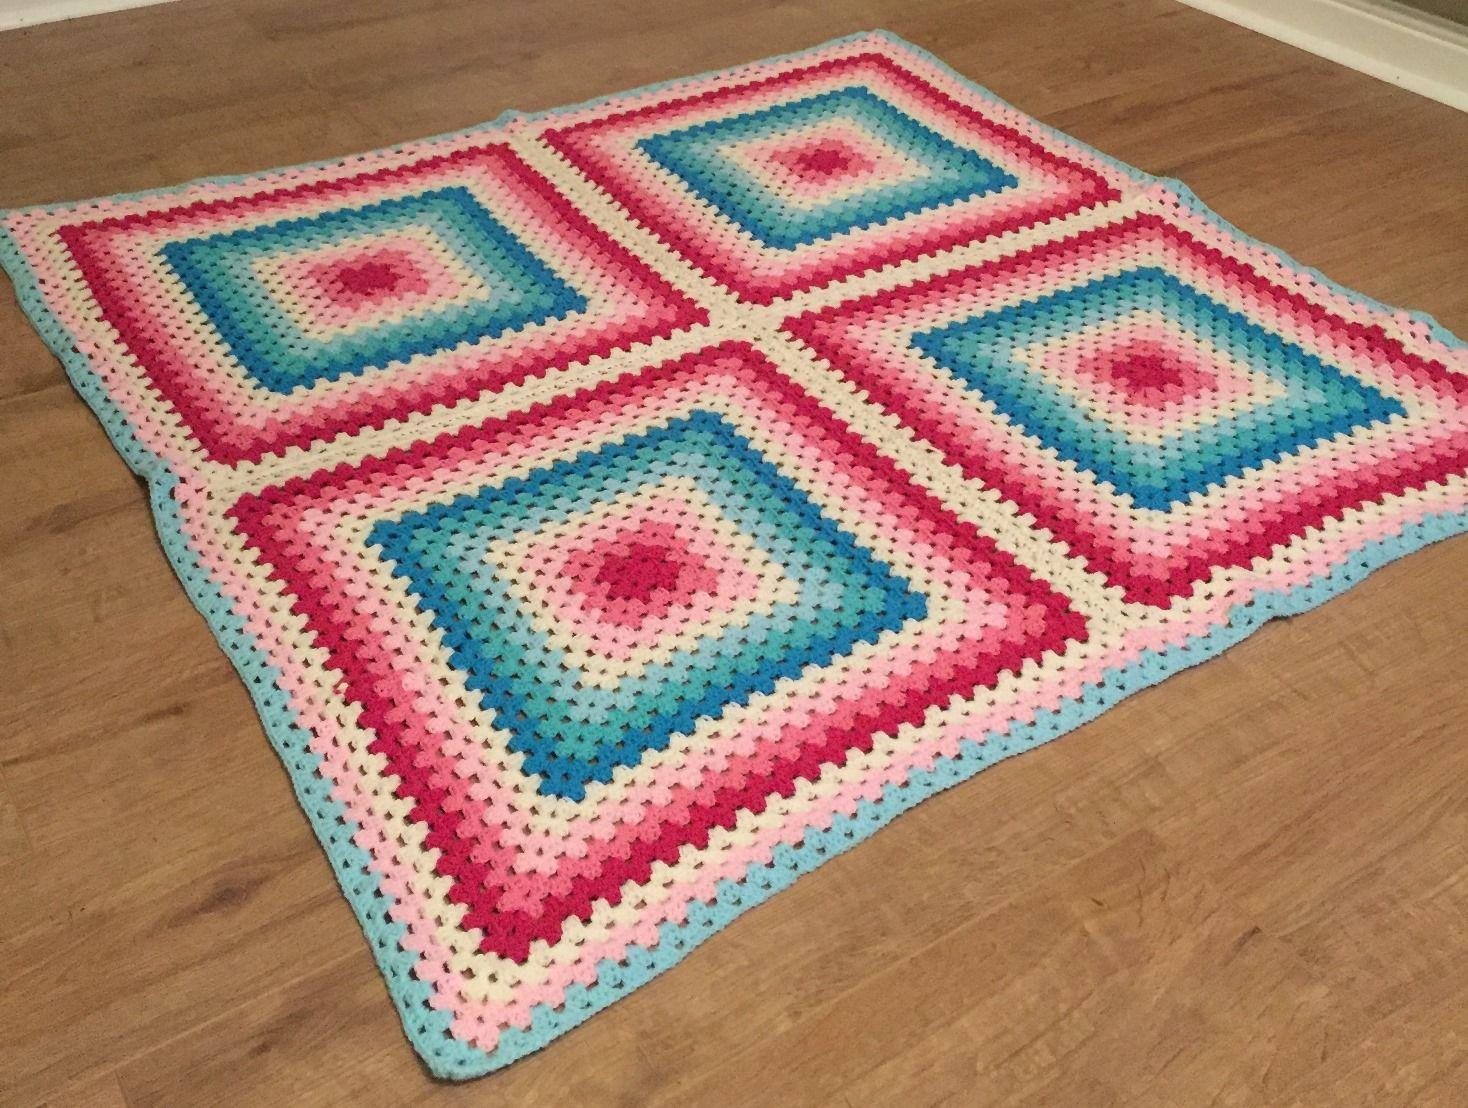 lesley_icecream blanket | crochet patterns | Pinterest